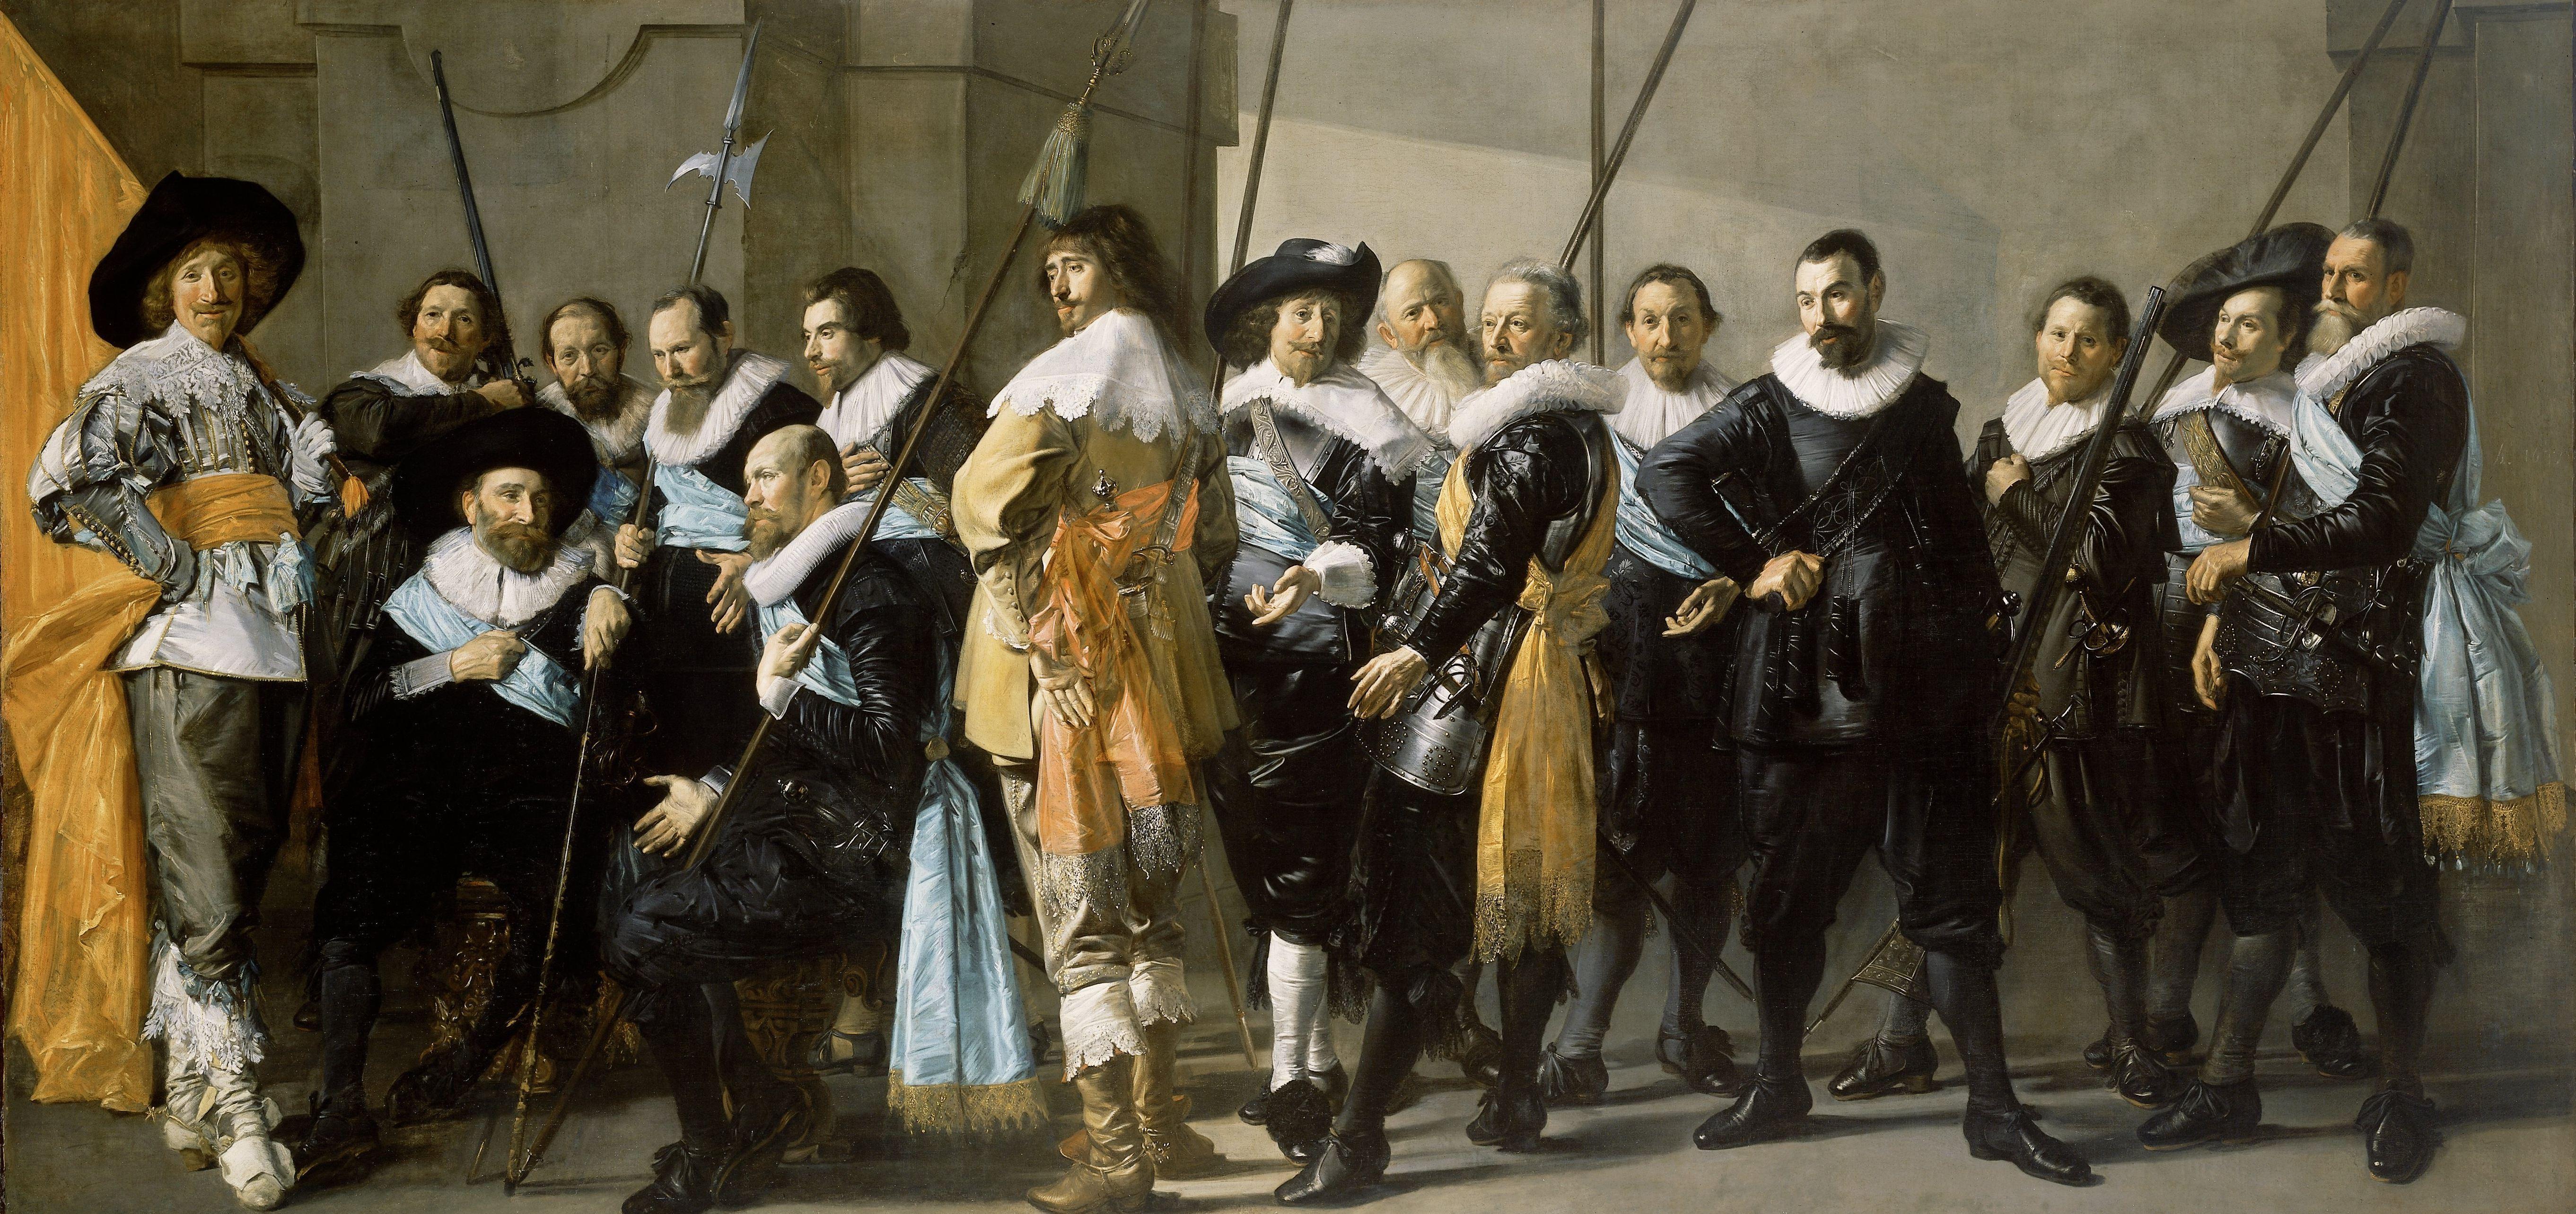 Dankzij bruikleen van Rijksmuseum kan Frans Hals Museum alle schuttersstukken van Hals laten zien